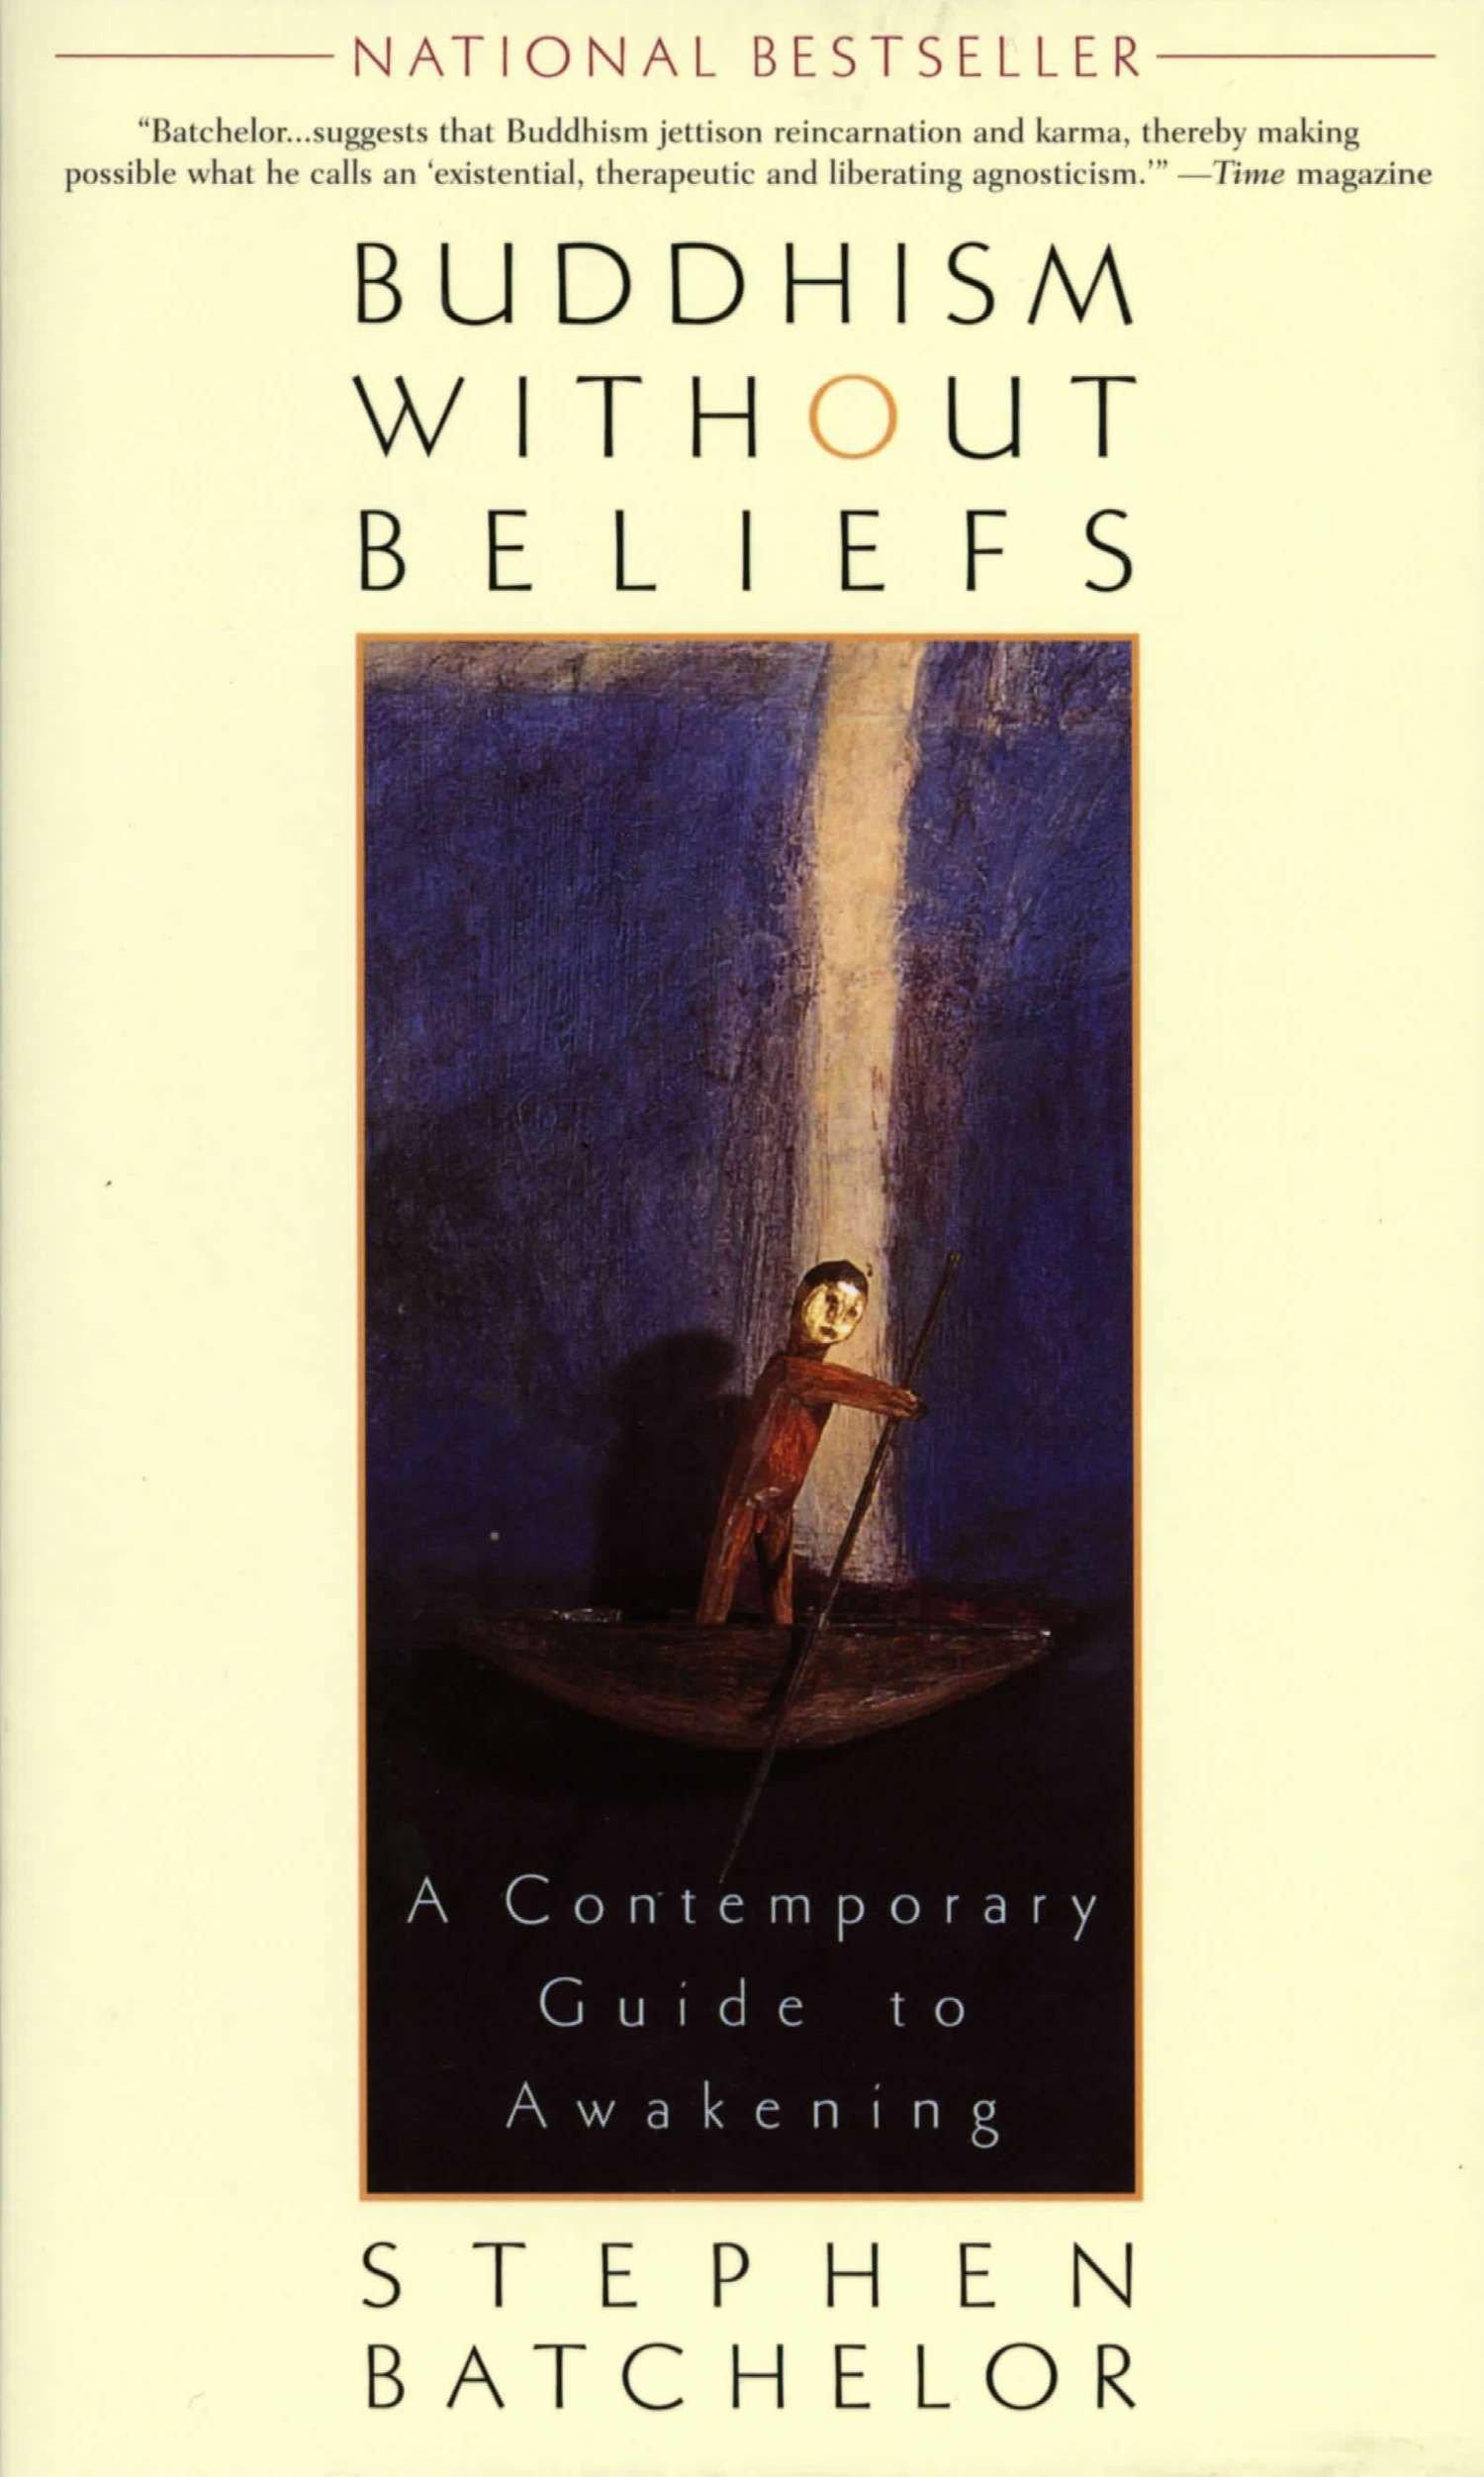 Batchelor Buddhism Beliefs cover art